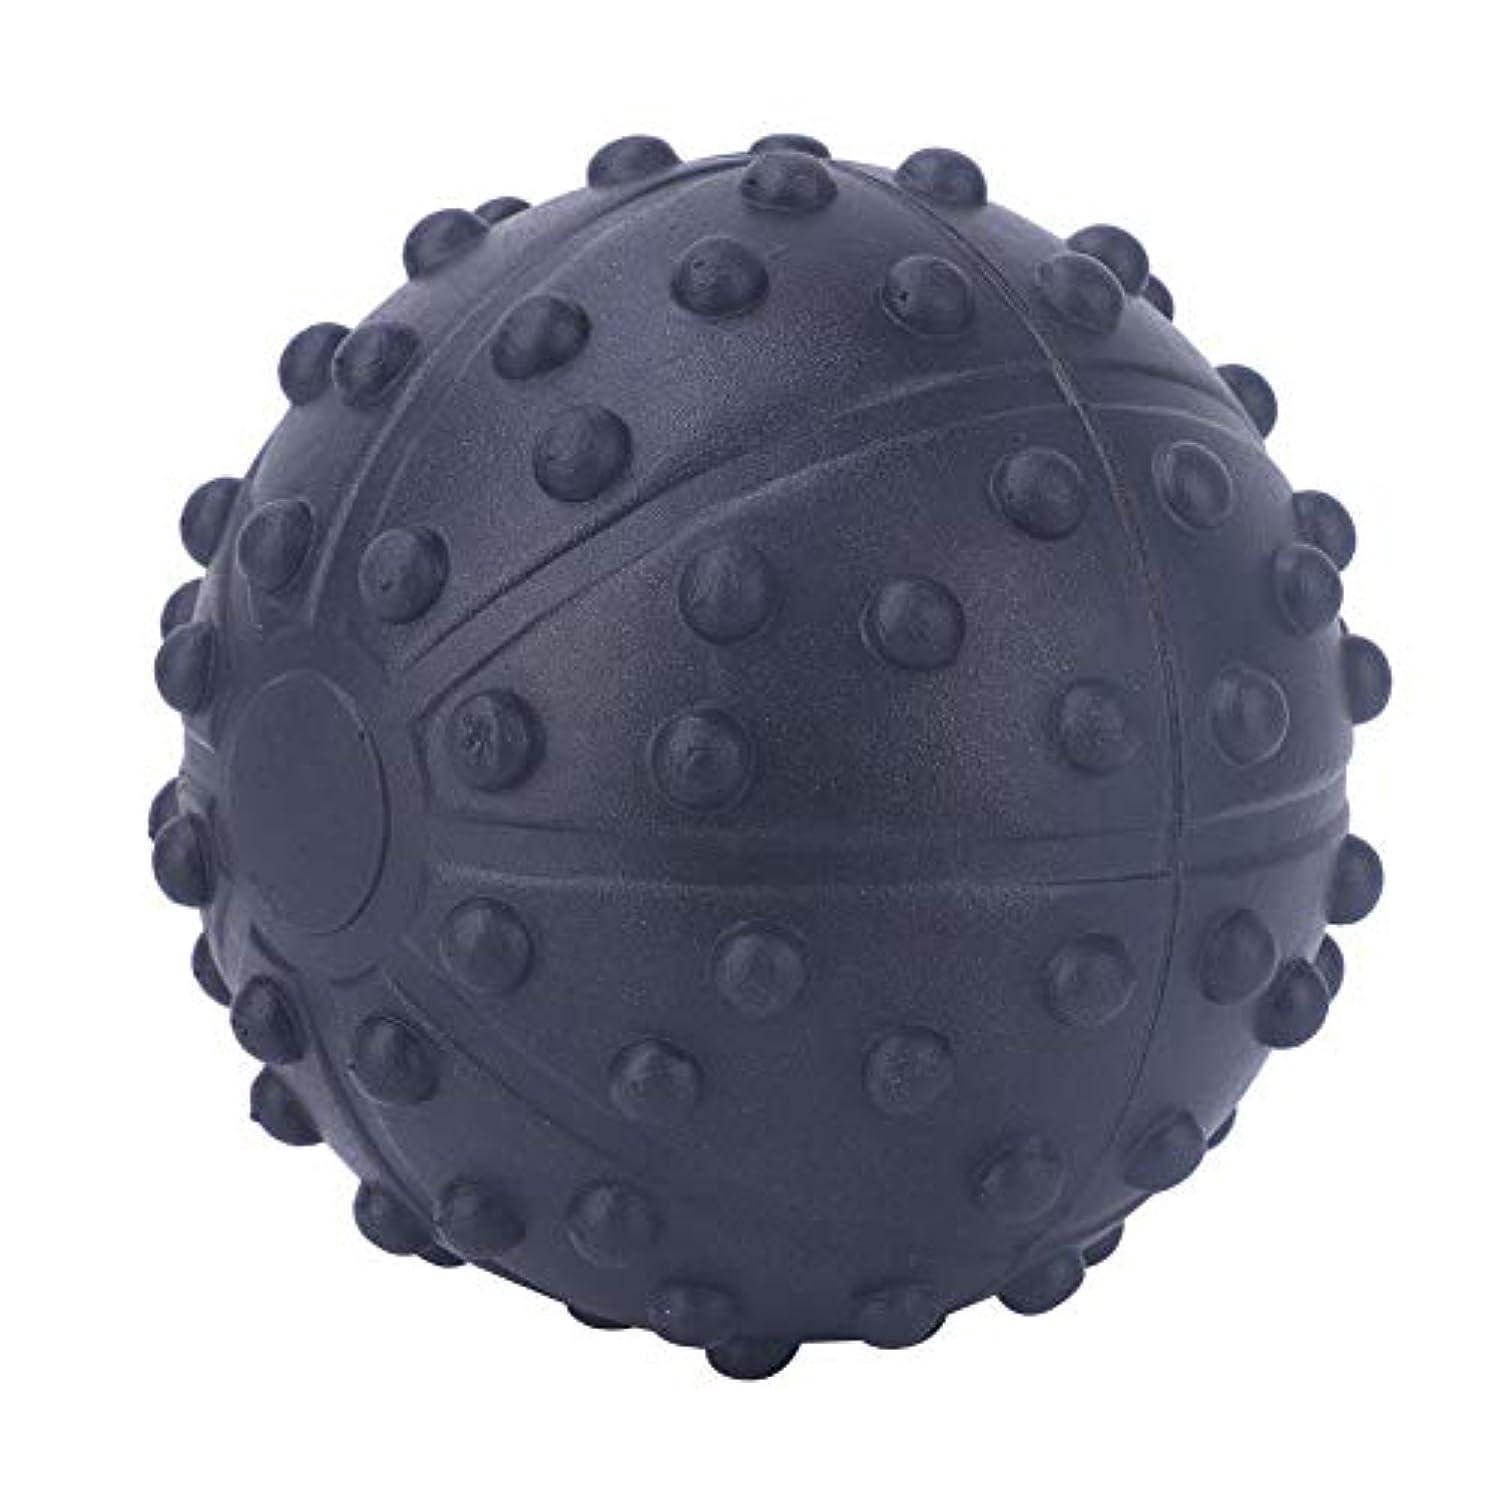 陰謀熟達した欲しいです深いティッシュヨガの筋膜の球、ヨガの疲労筋肉は筋肉救済、背部、首および足のマッサージャーのためのスポーツの球を取り除きます